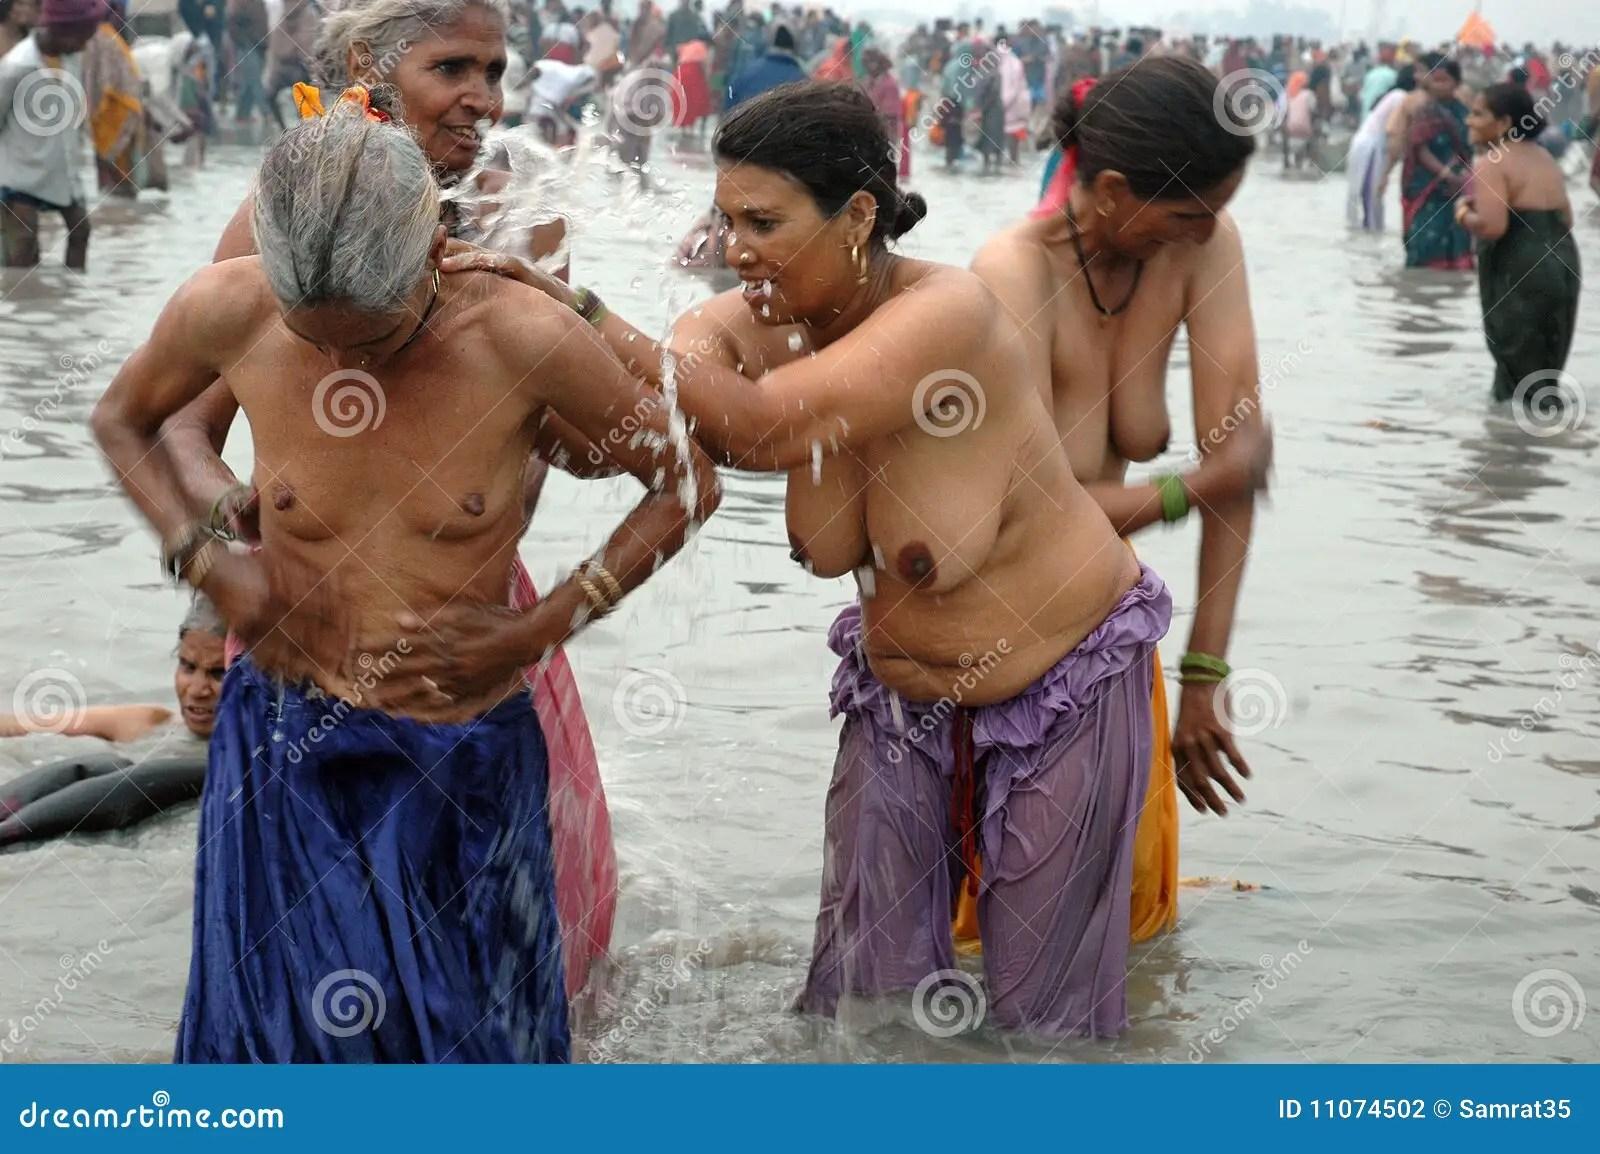 Jaamaican women make love